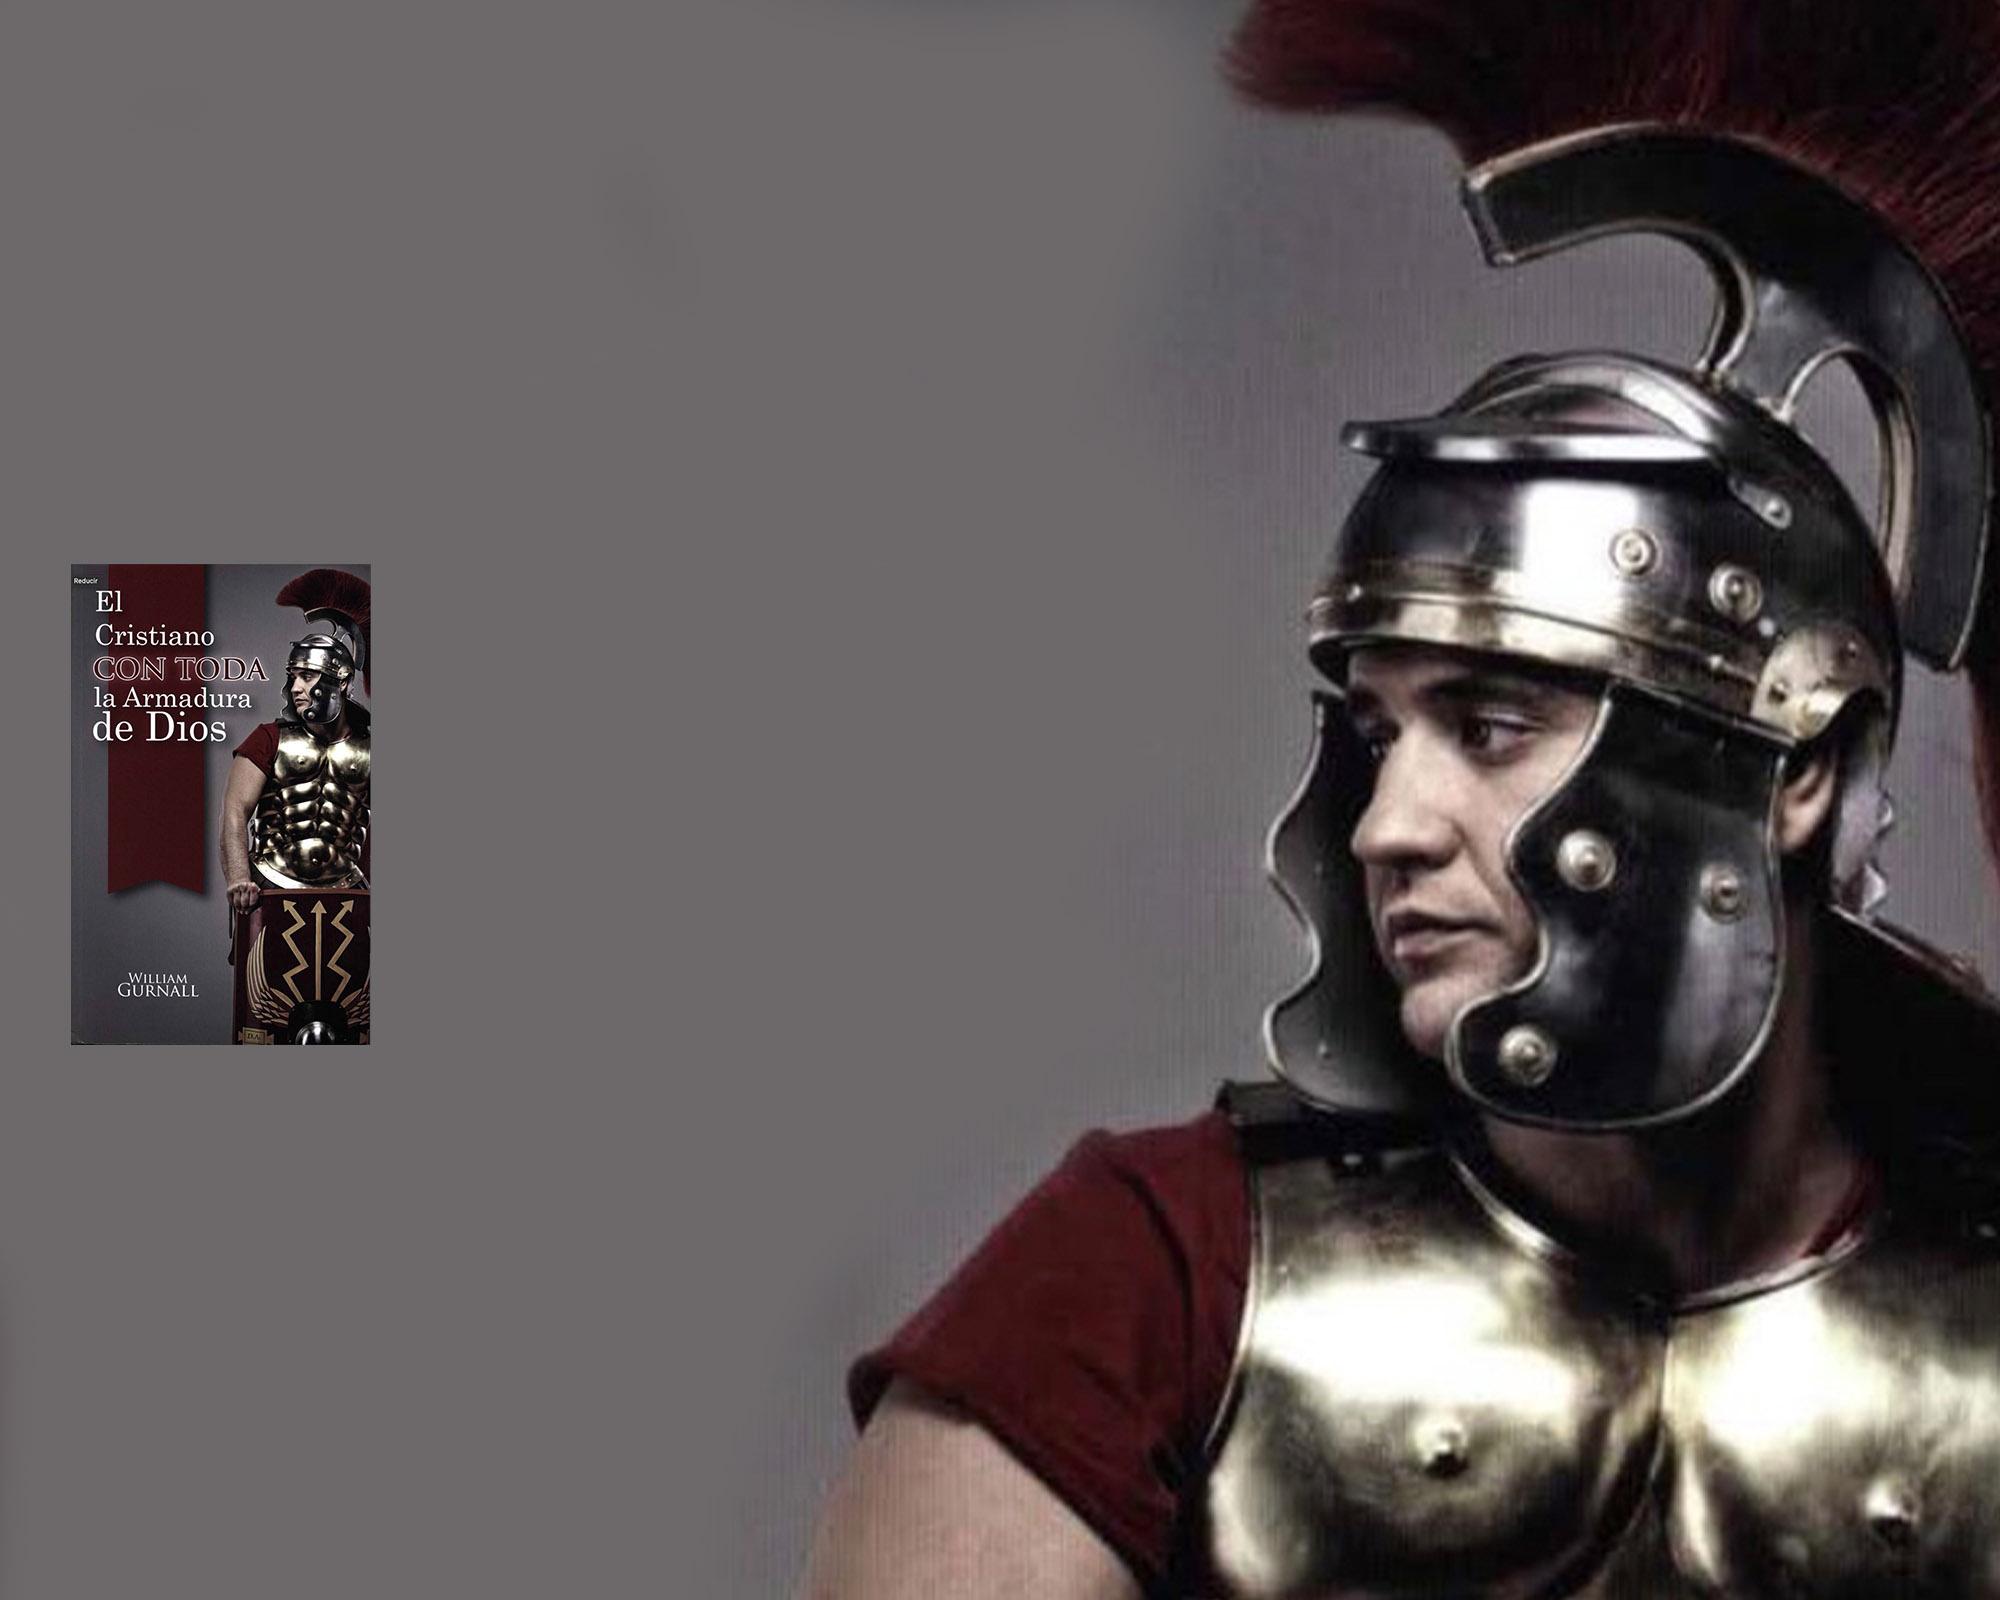 El Cristiano con toda la armadura